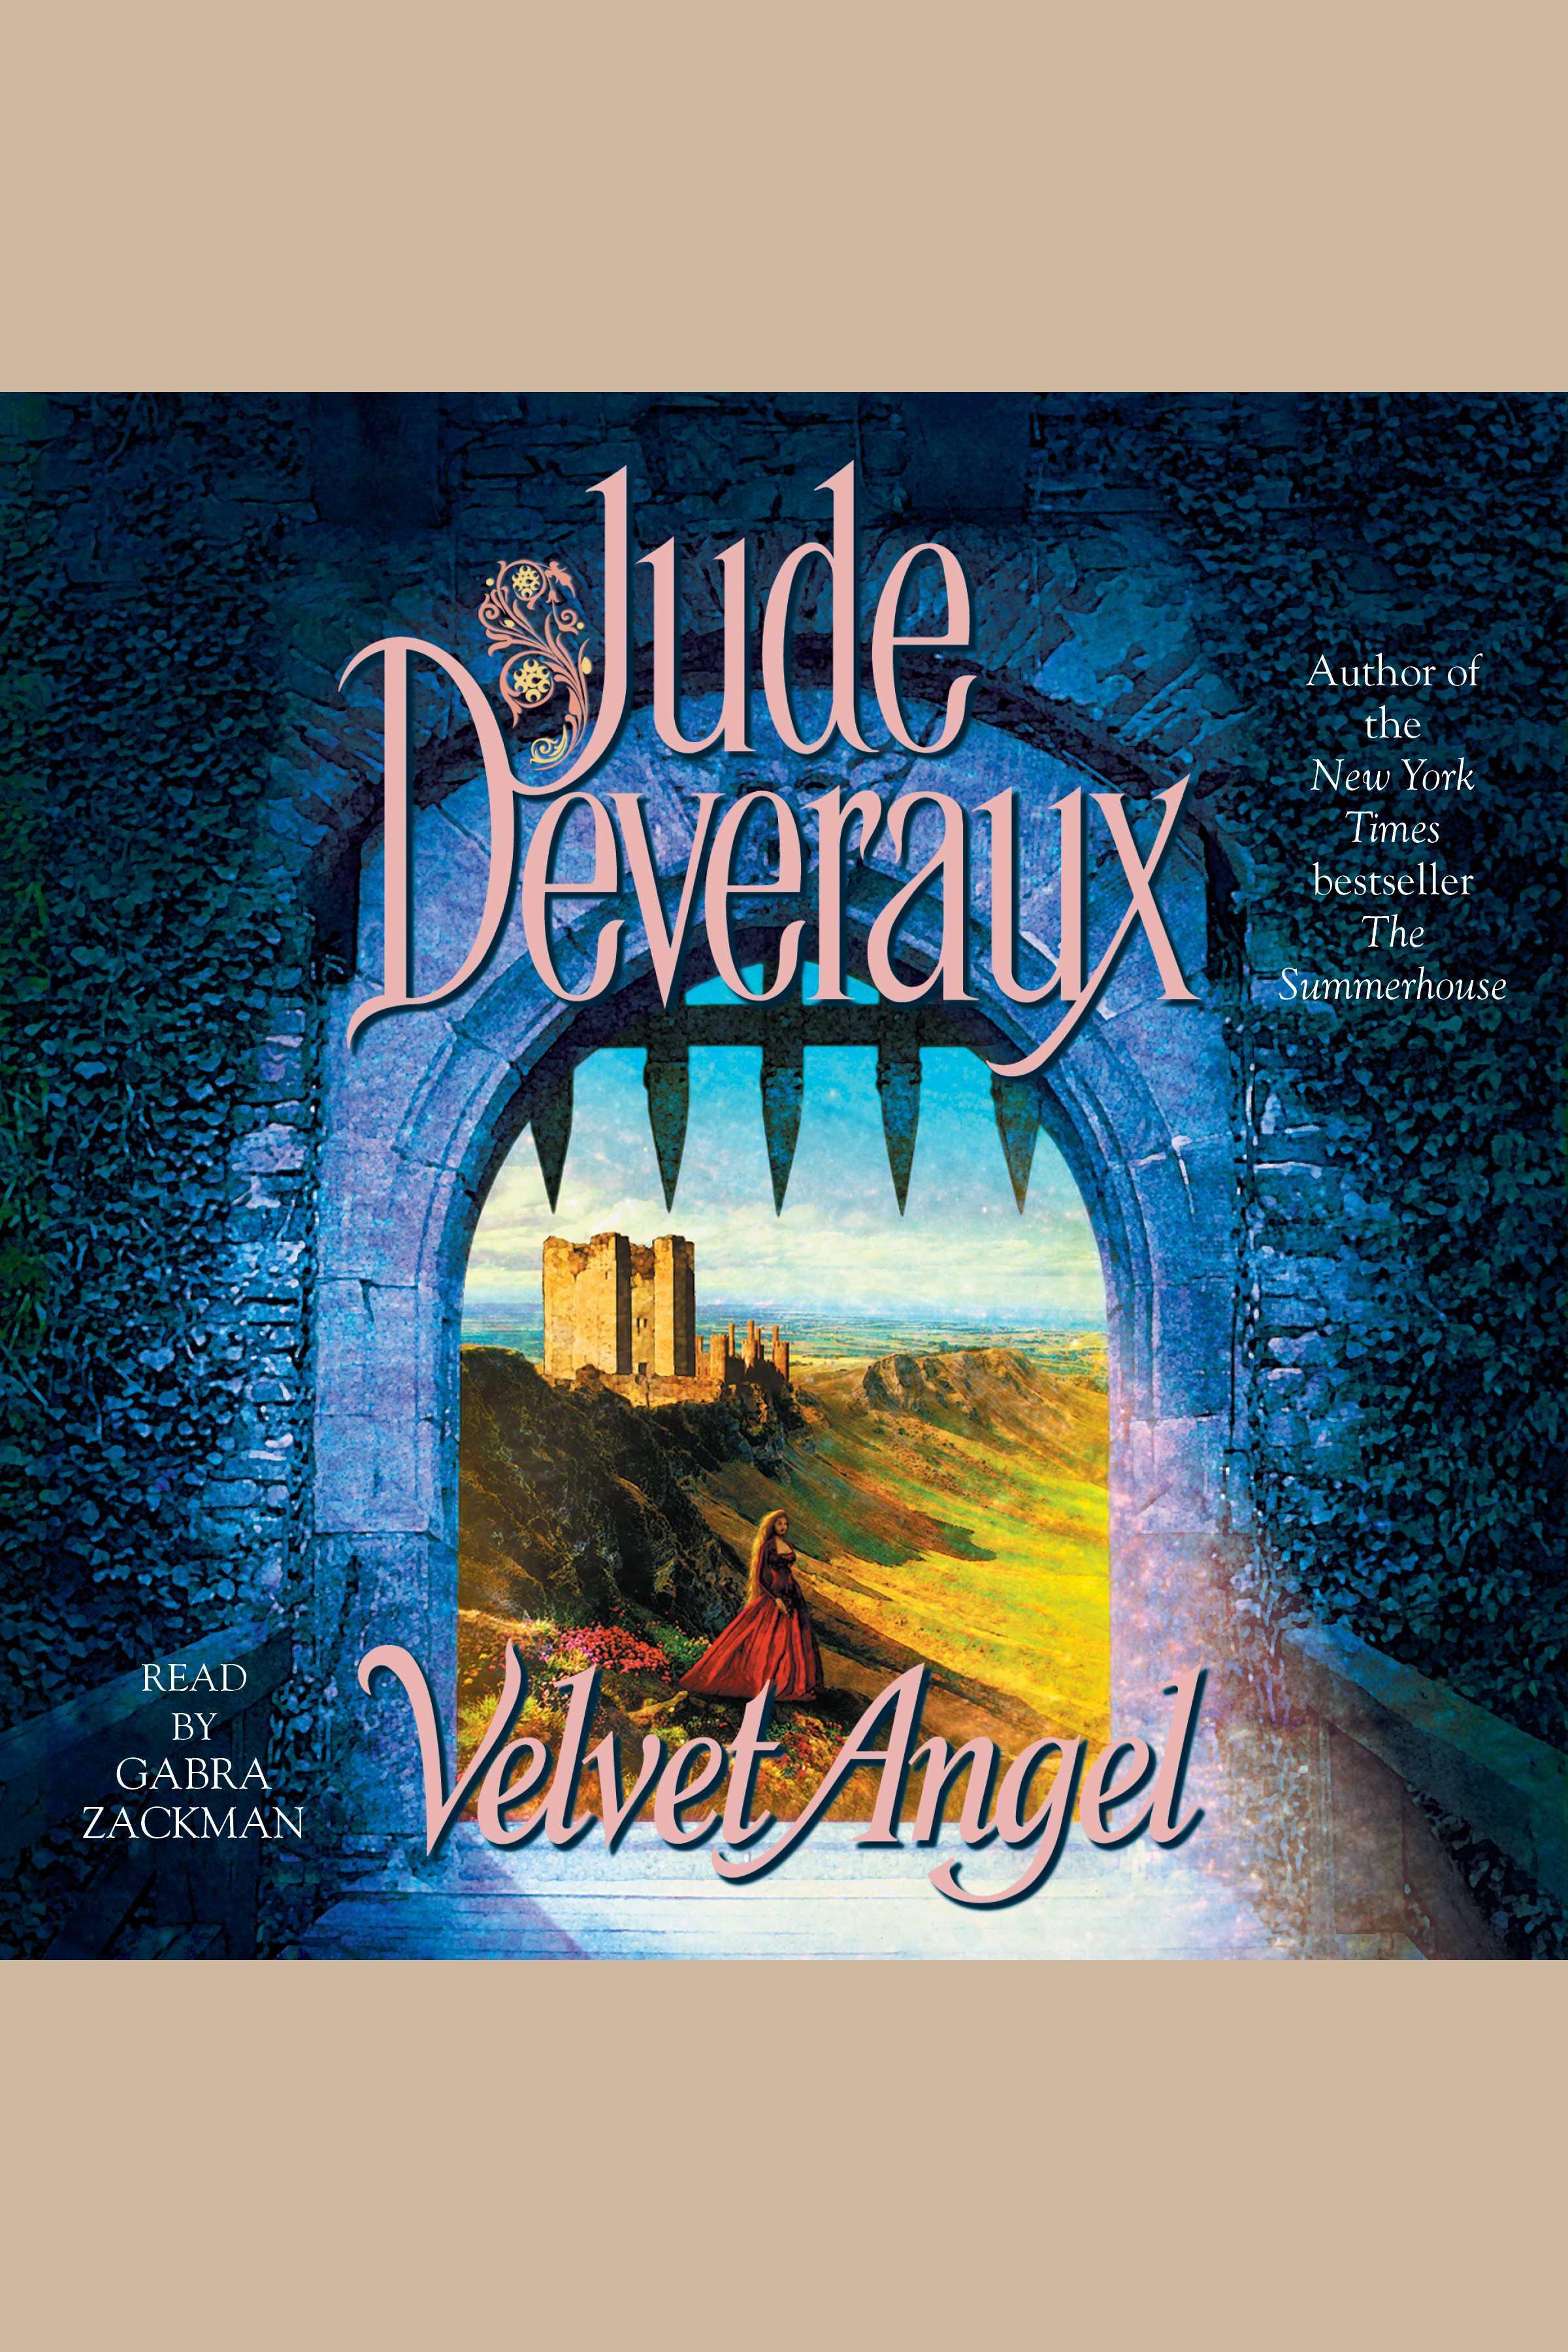 Velvet Angel cover image